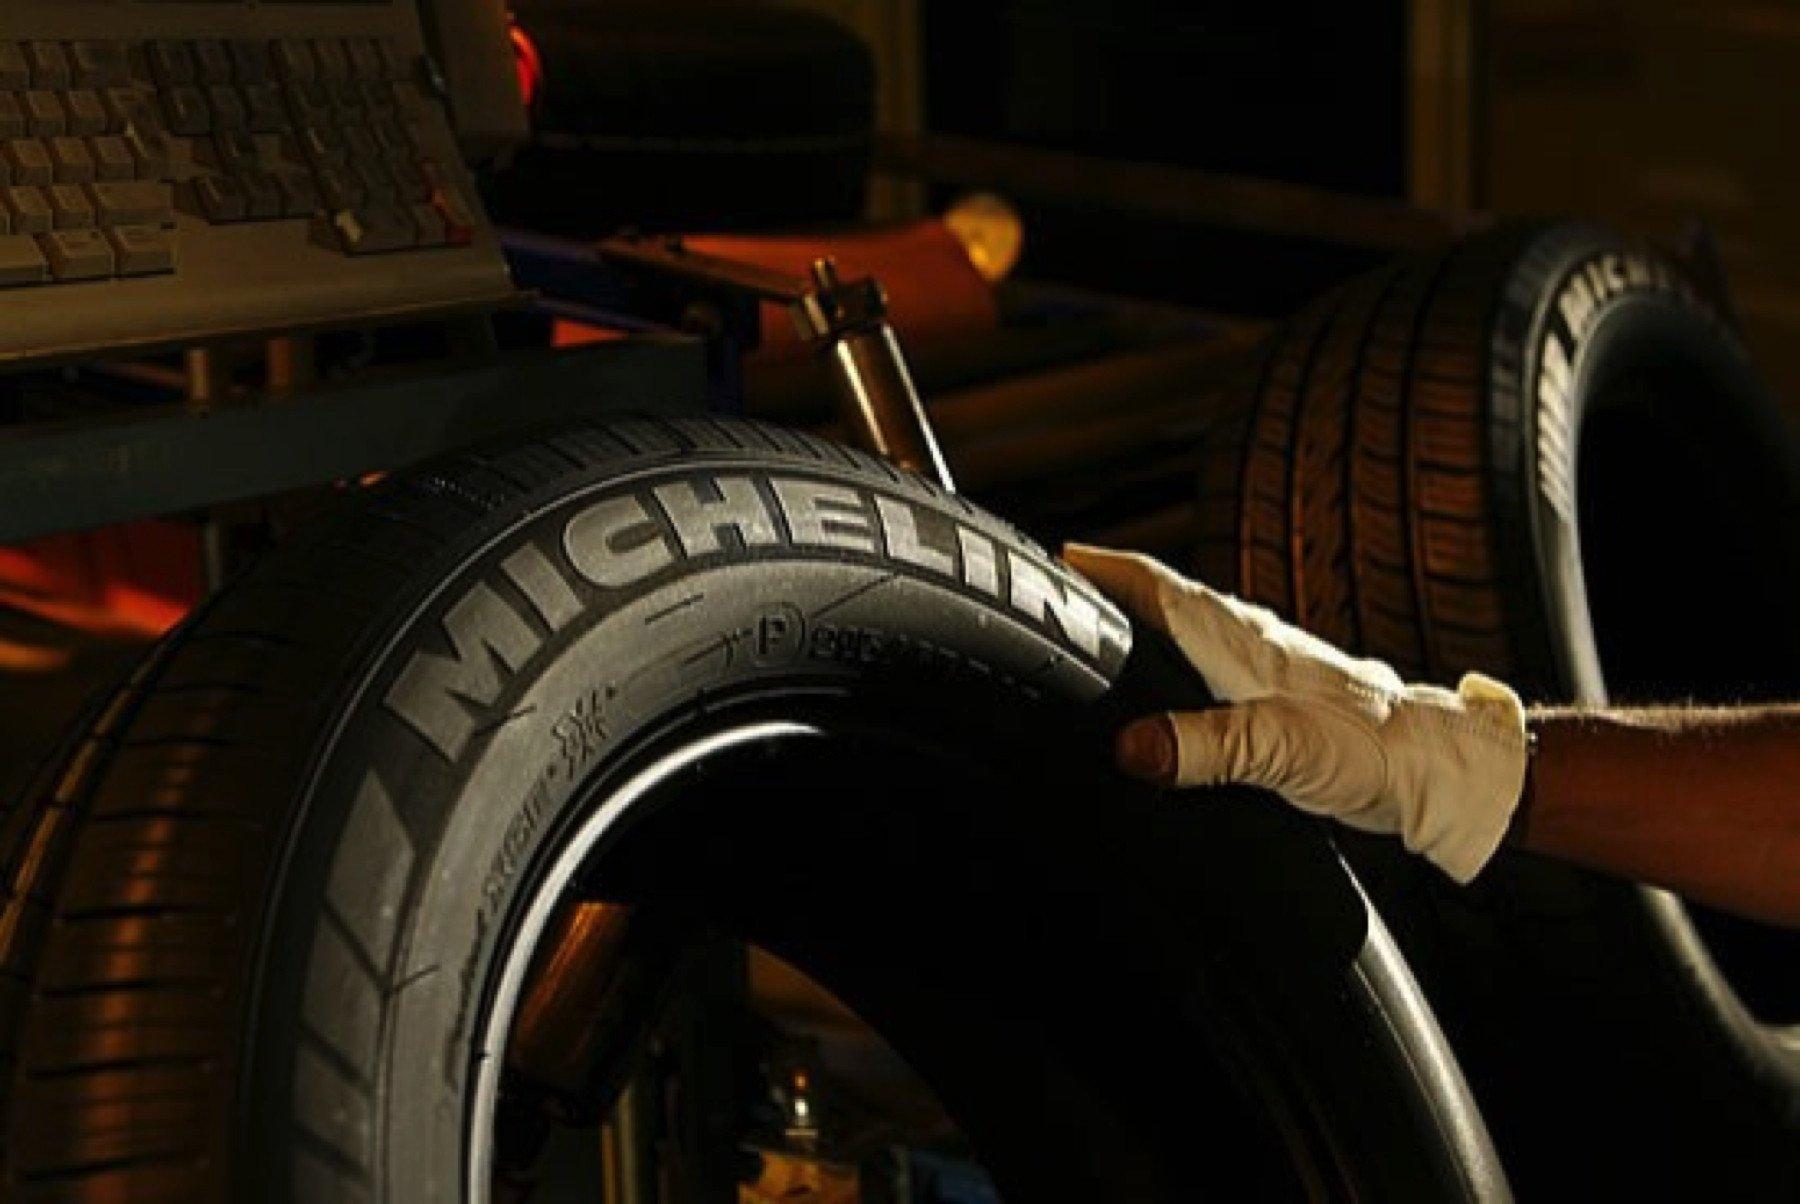 cambio de neumáticos y problemas en la itv